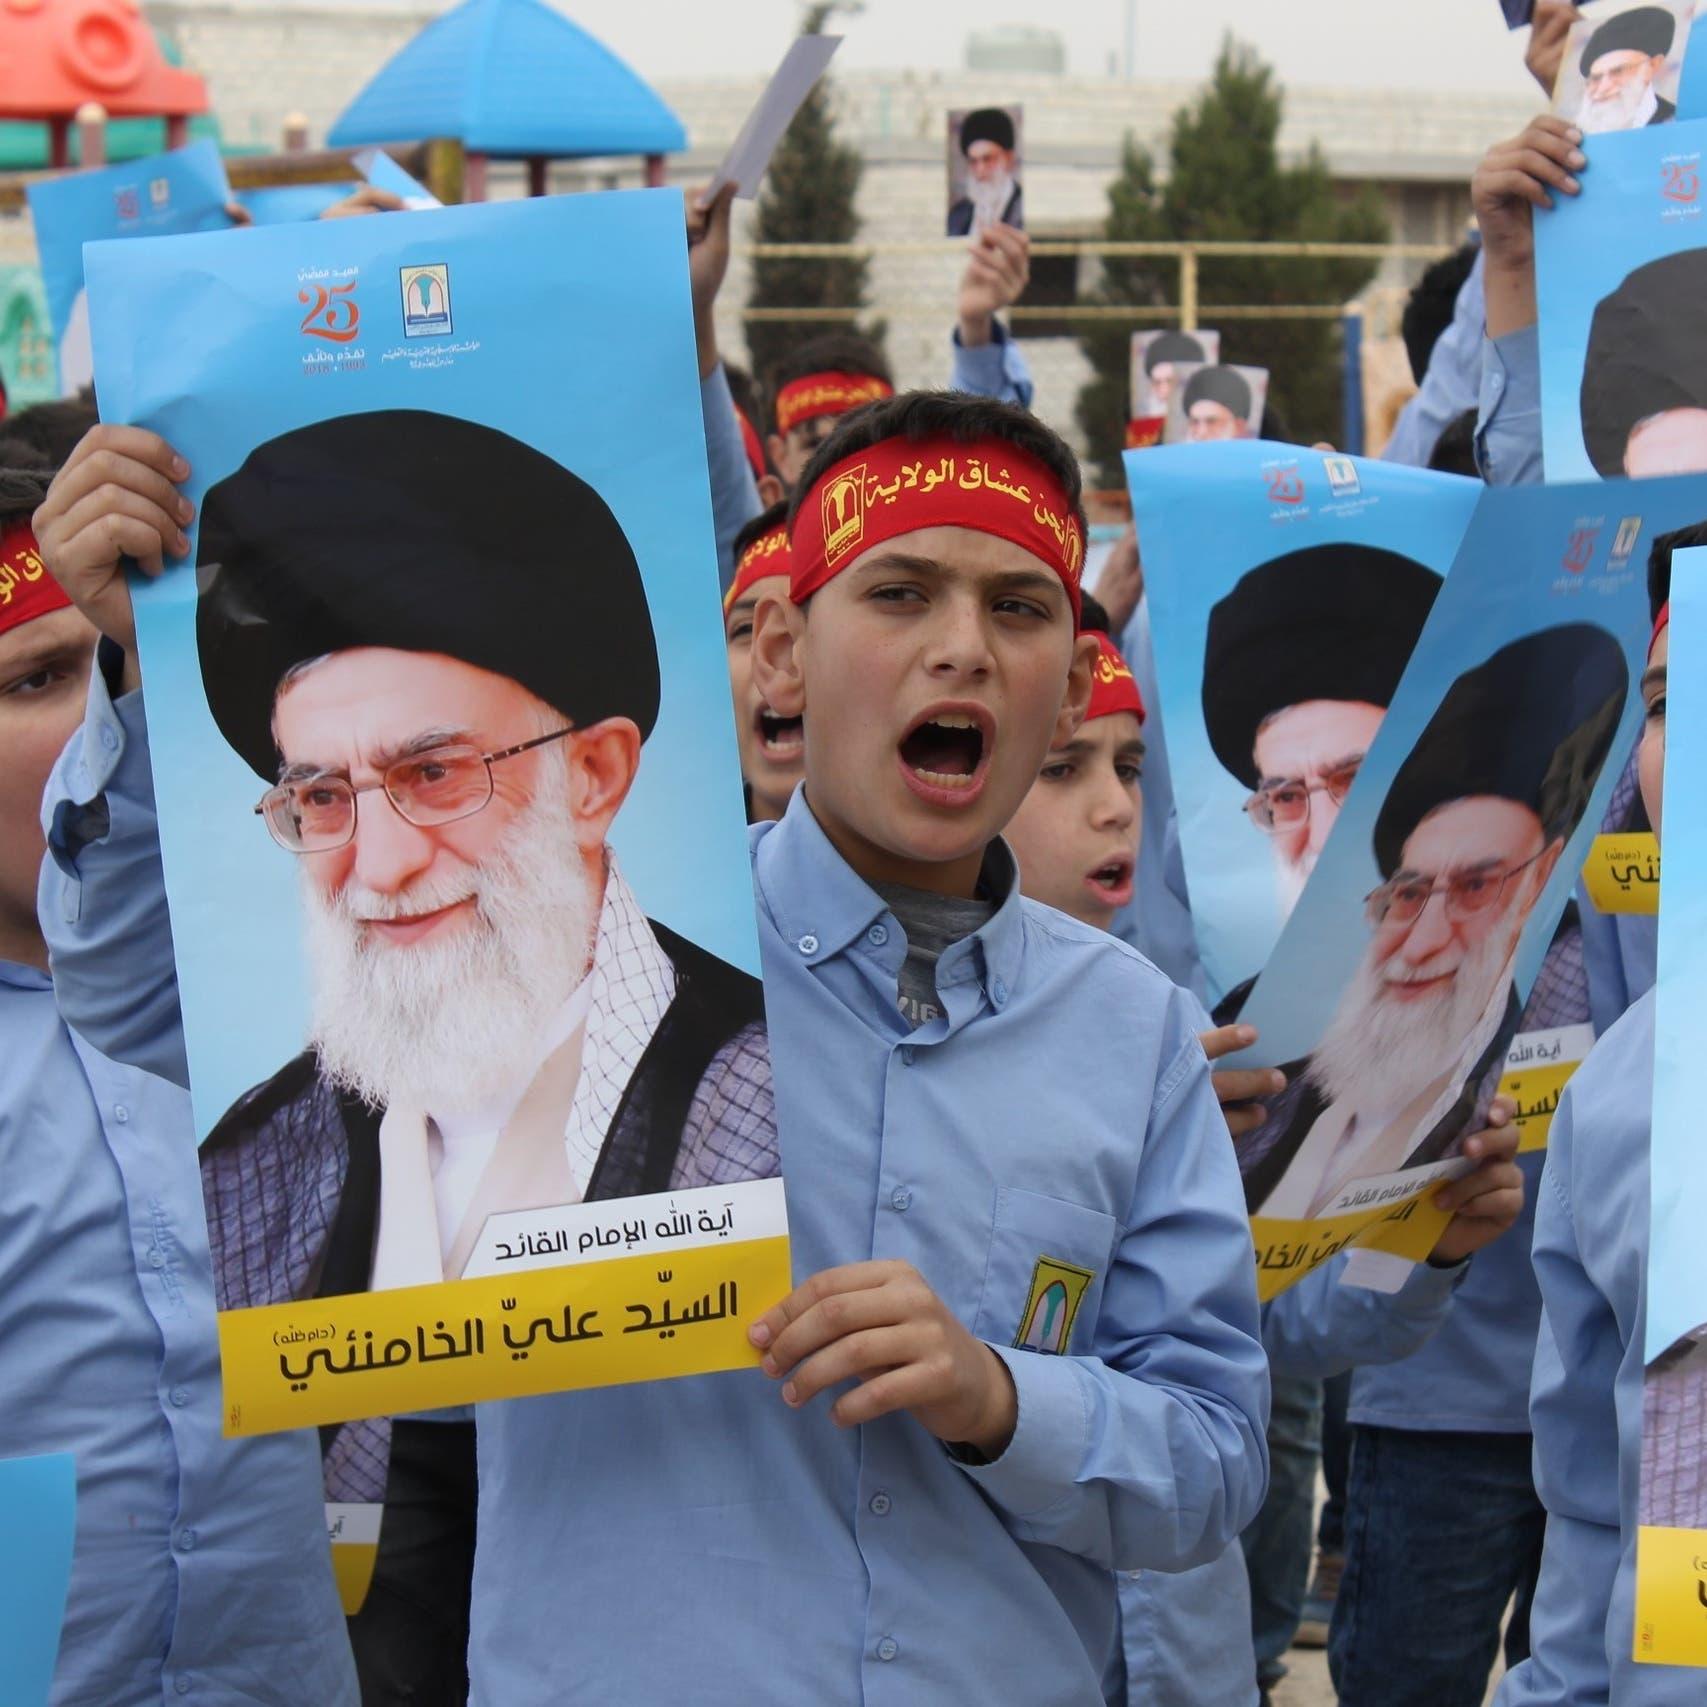 هكذا يعبئ حزب الله صغاره.. مدارس وكشافة ومناهج خمينية